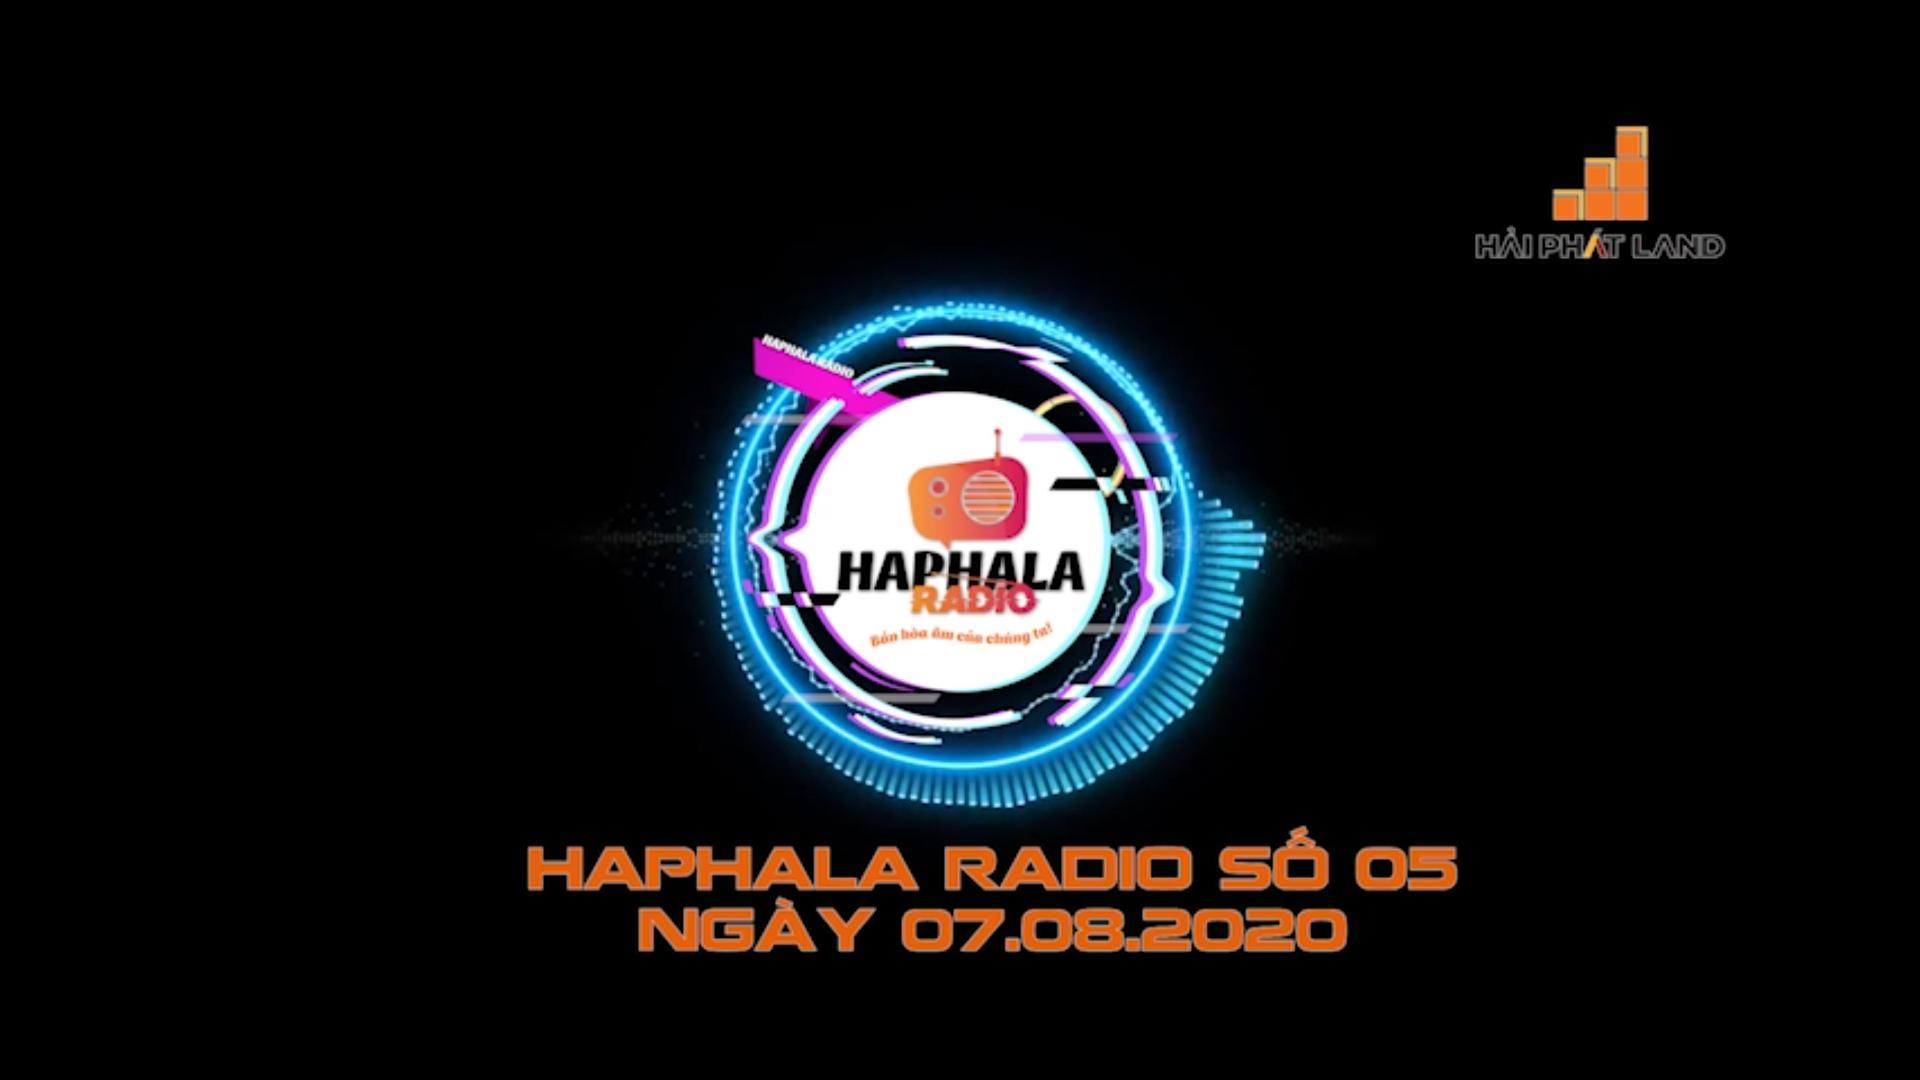 Haphala Radio số 05 ngày 07/08/2020